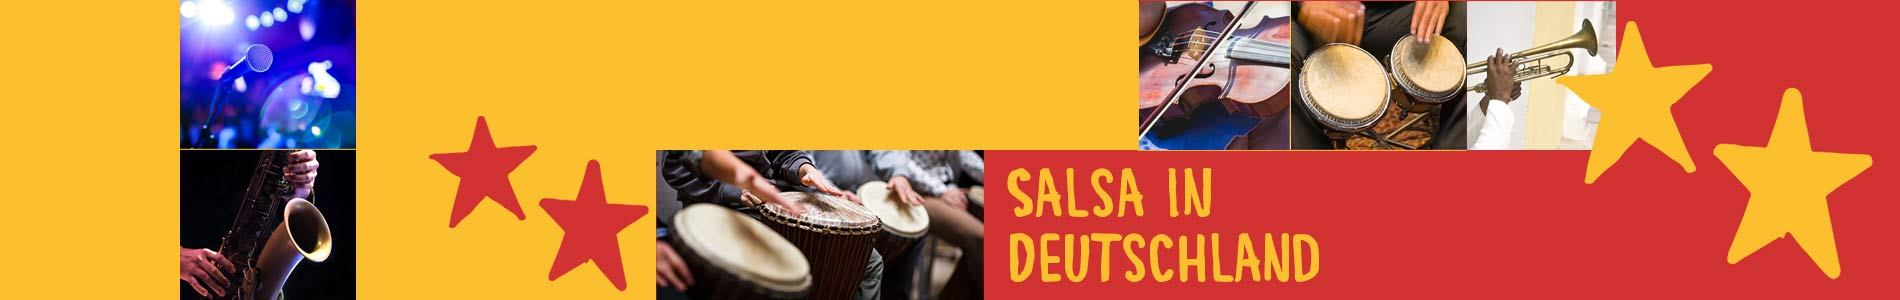 Salsa in Brüggen – Salsa lernen und tanzen, Tanzkurse, Partys, Veranstaltungen